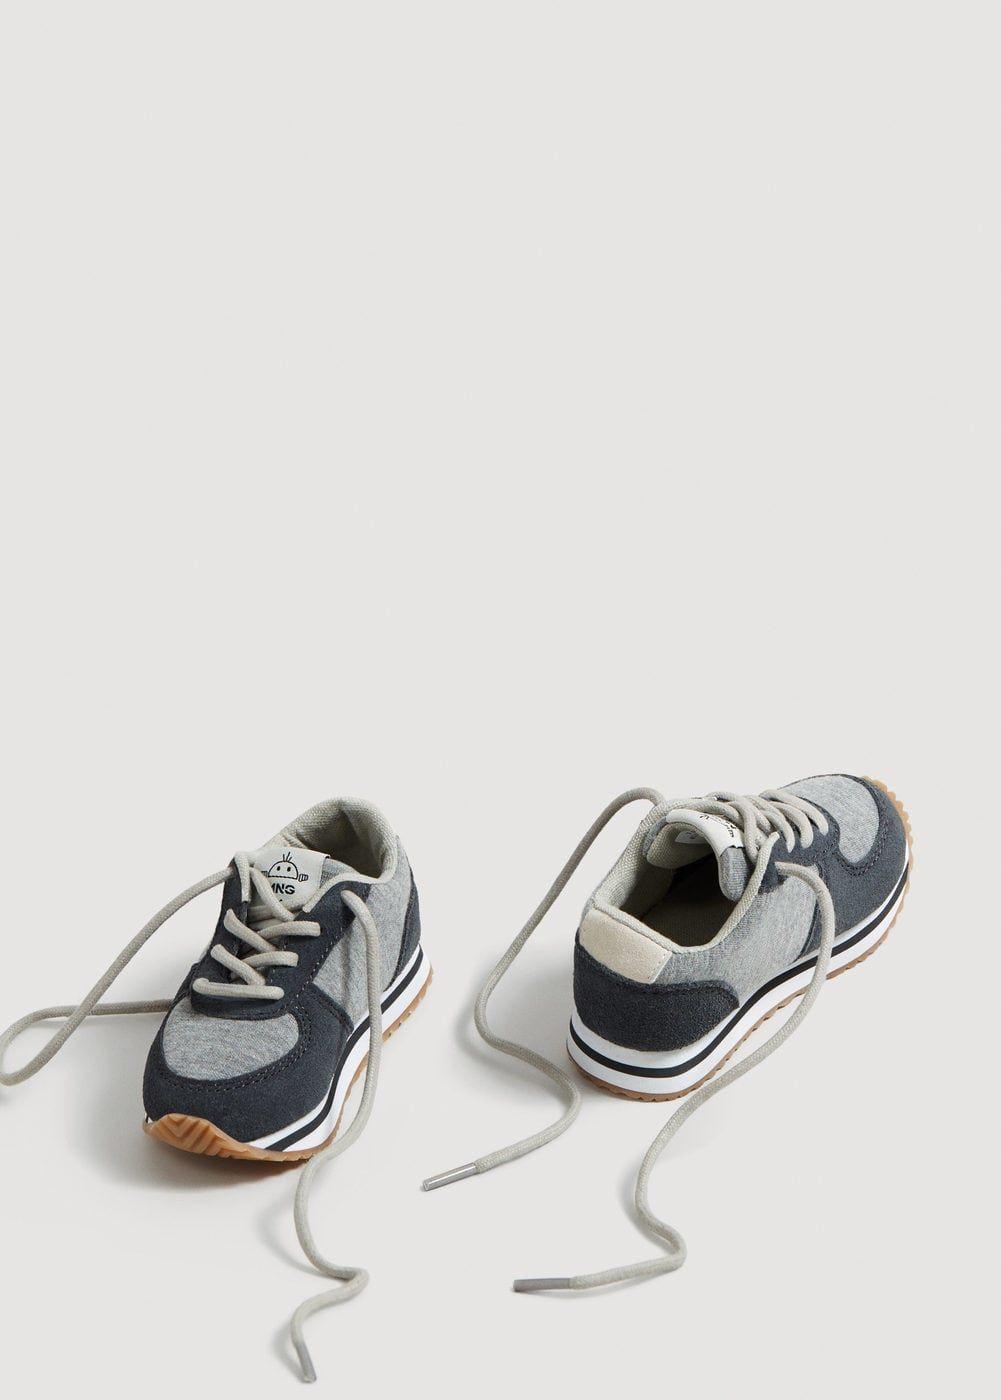 Buty Sportowe Wstawki Z Dwoiny Kobieta Mango Polska New Balance Sneaker Sneakers Shoes